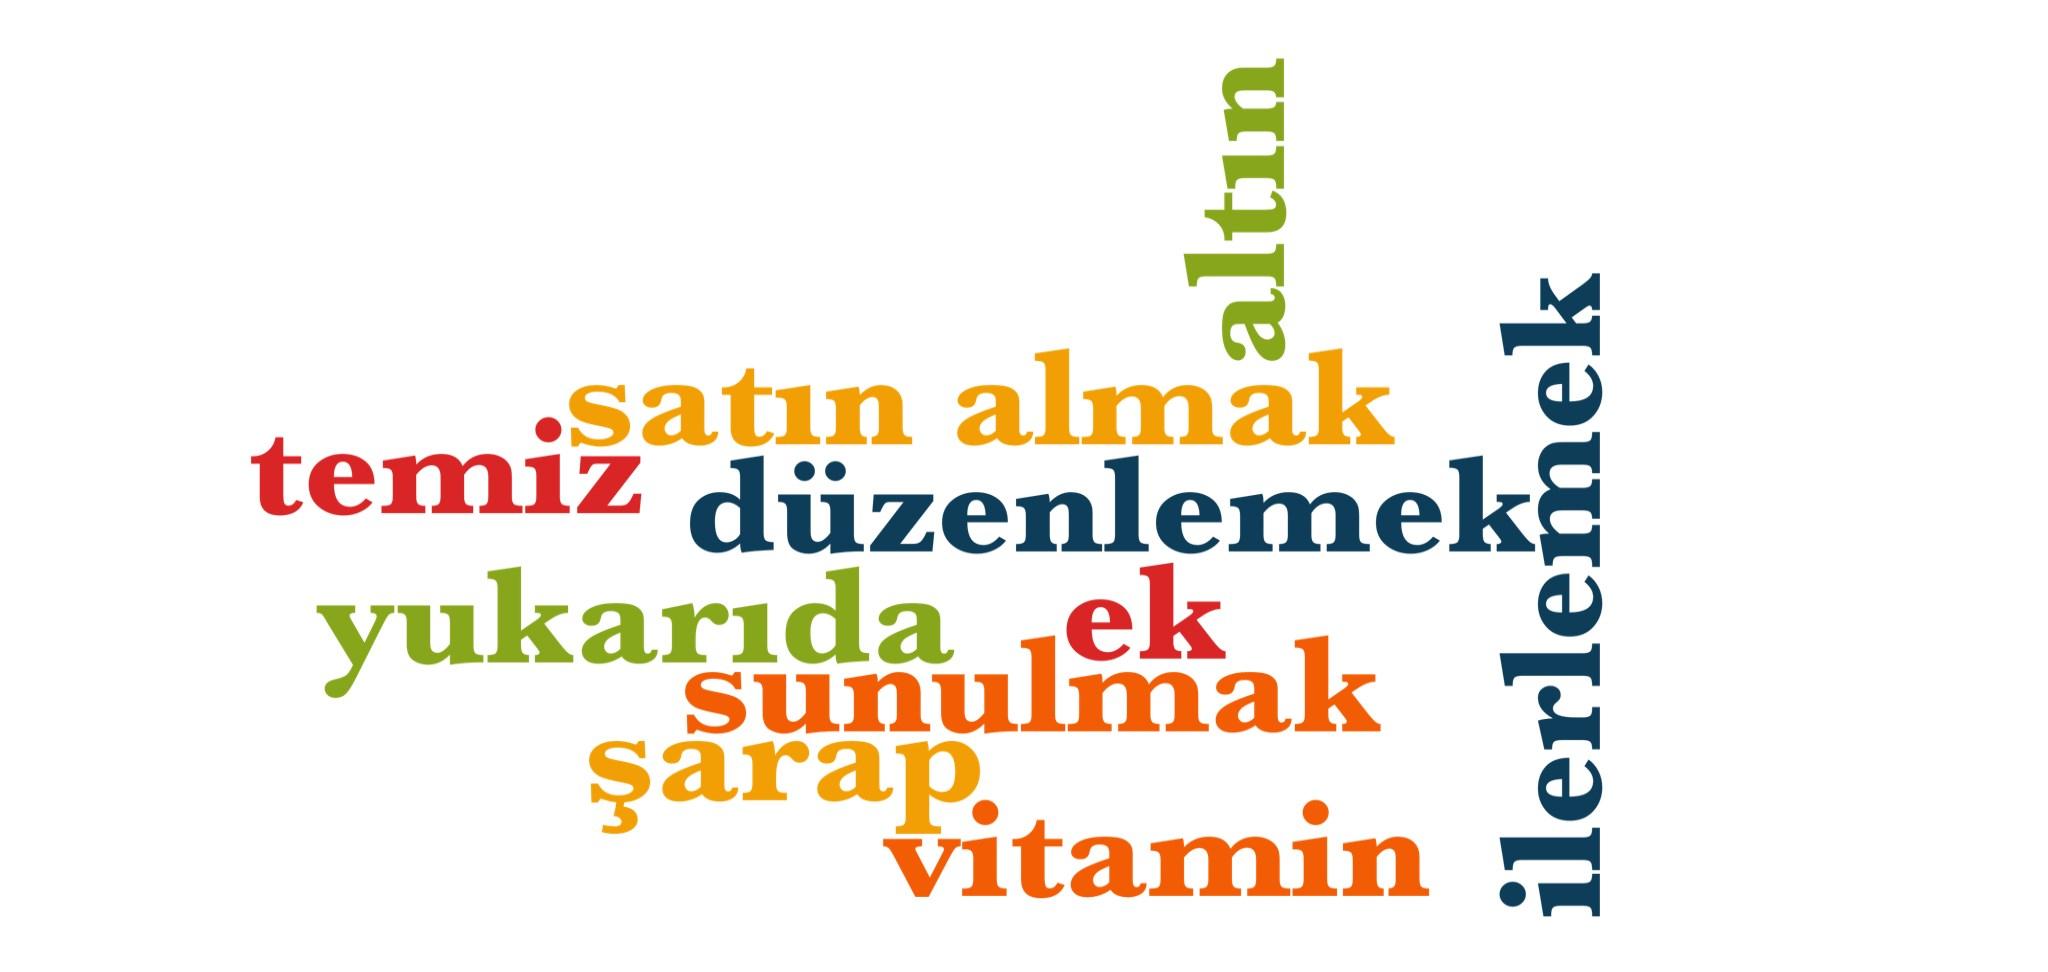 Wörter 981 bis 990 der 1000 häufigsten Wörter der türkischen Sprache